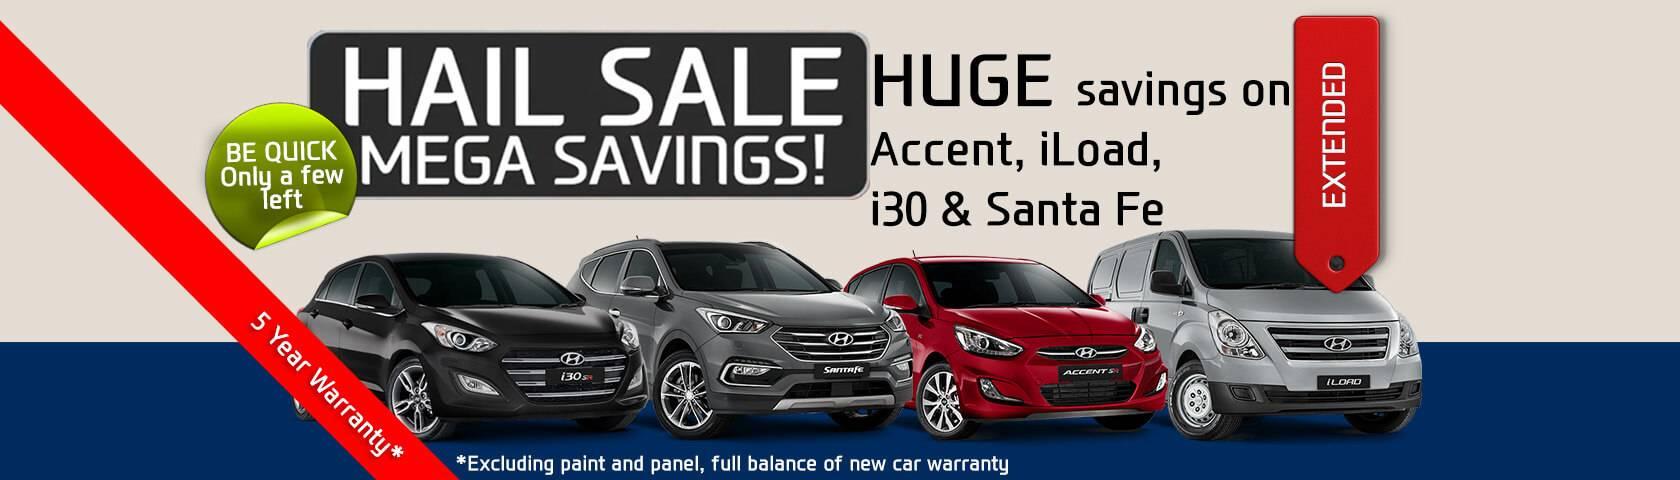 Hail Sale Mega Savings!